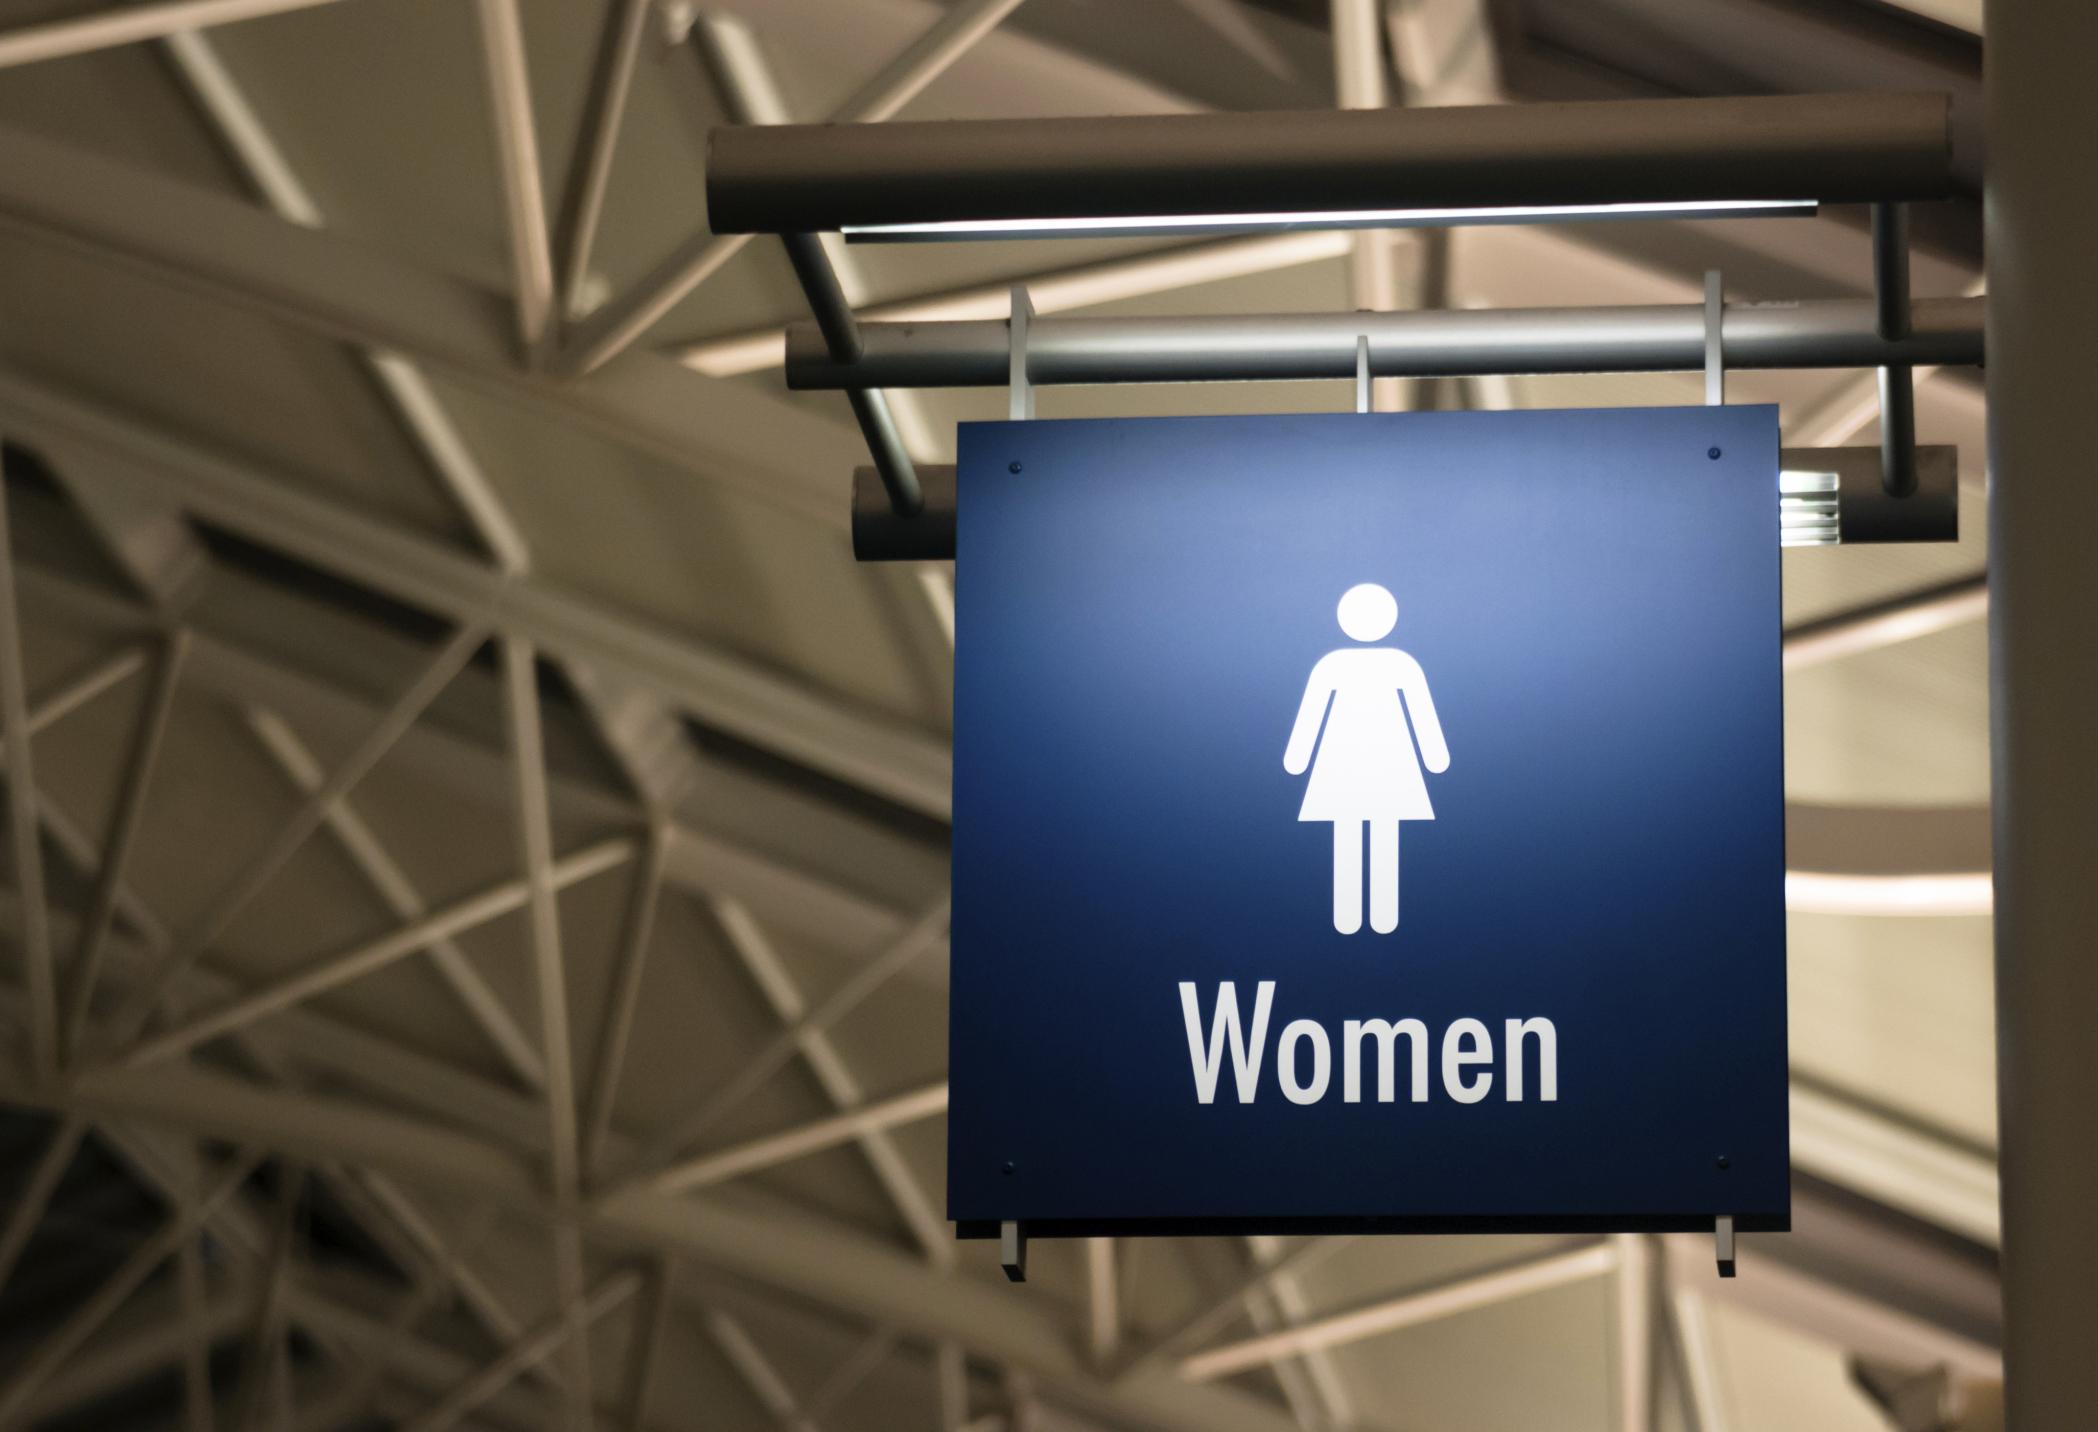 La verità sulle donne ai bagni pubblici | Pensieri e Parole Famose